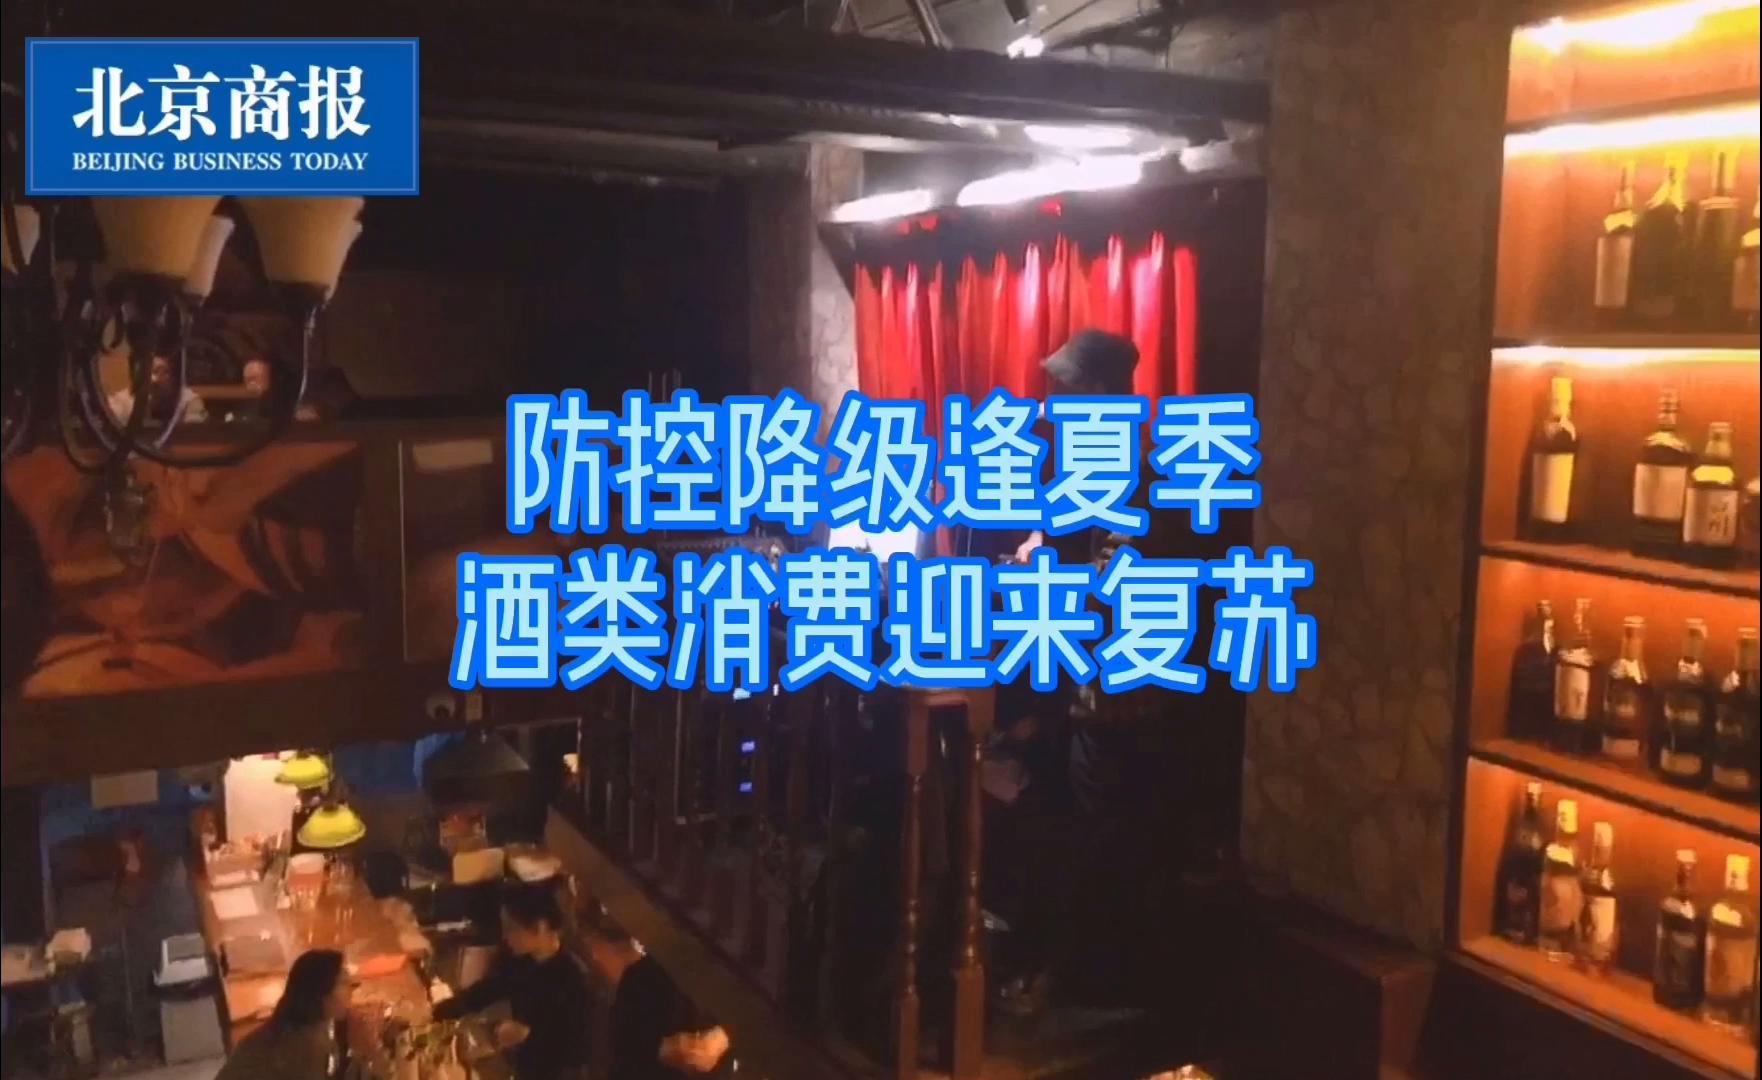 北京商报VLOG之立夏行走 | 北京酒类消费篇